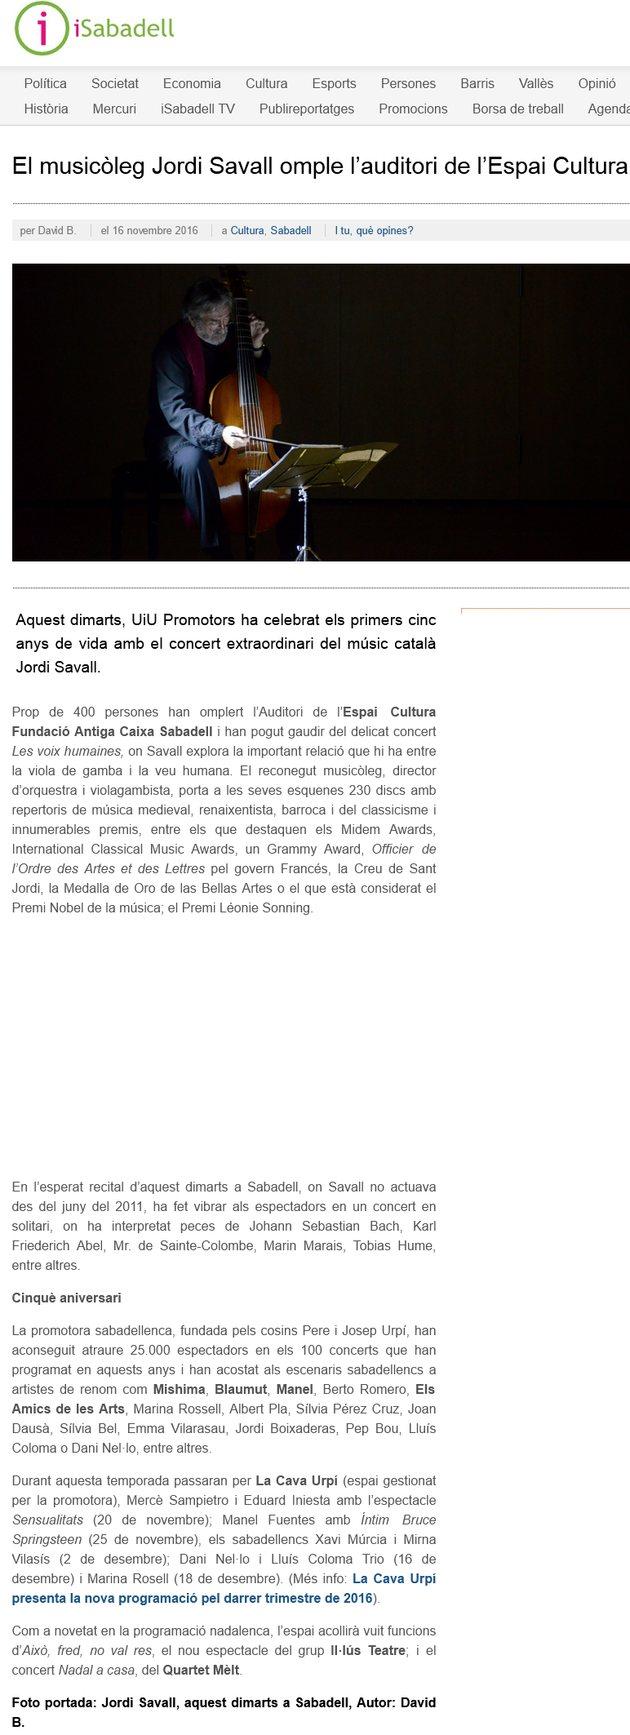 iSabadell: El musicòleg Jordi Savall omple l'auditori de l'Espai Cultura